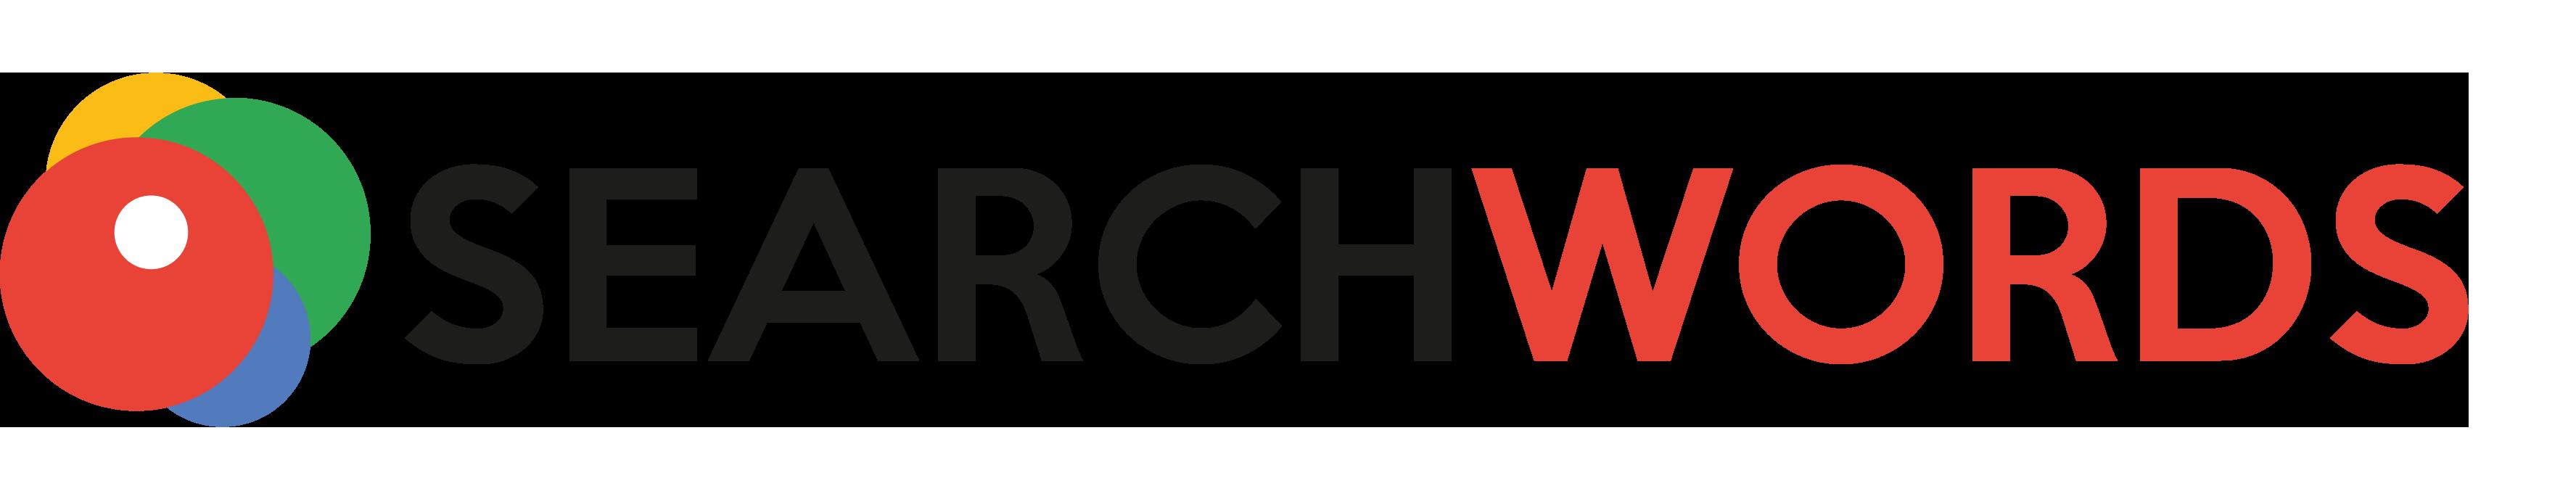 SearchWords_logo